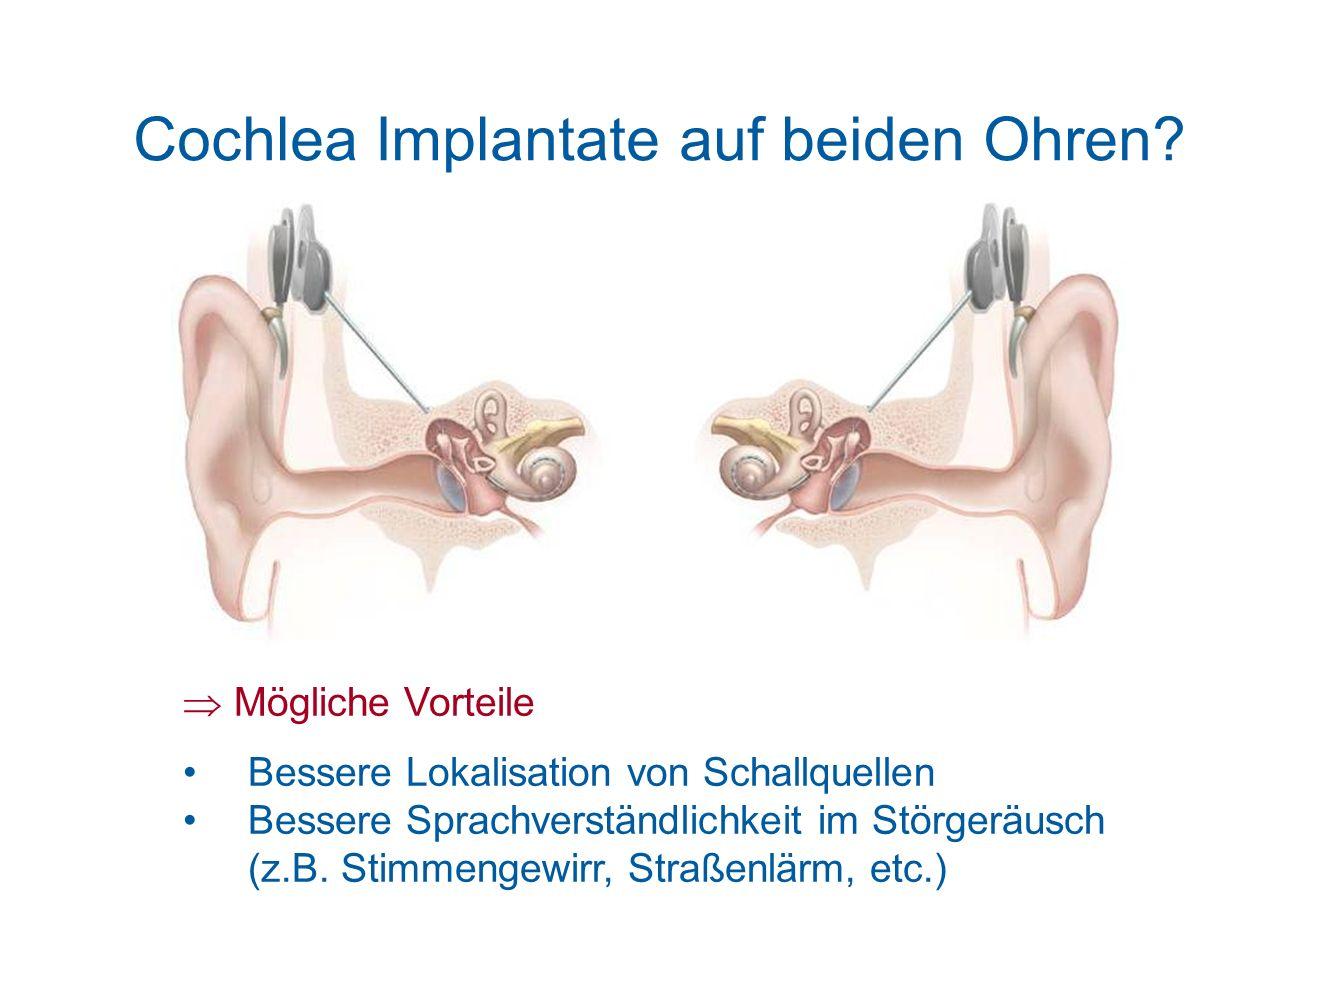 Cochlea Implantate auf beiden Ohren